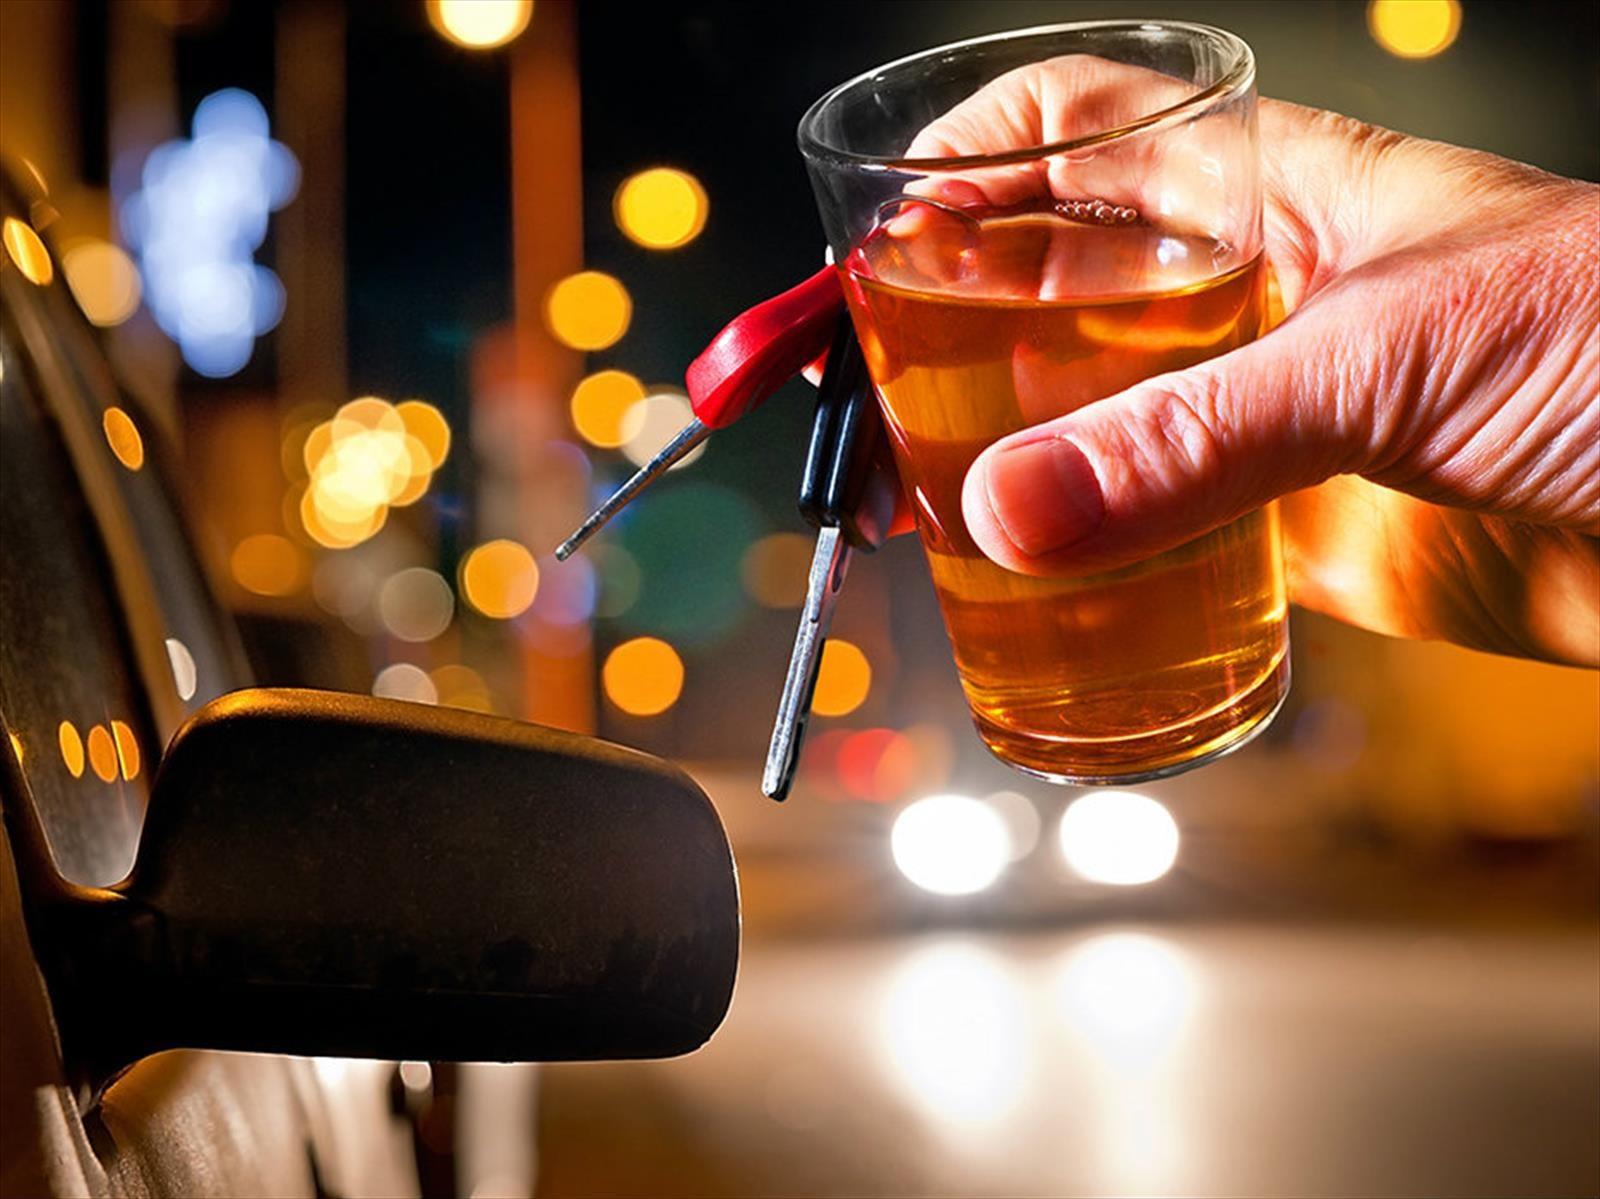 Crece el número de muertes por accidentes automovilísticos en Estados Unidos